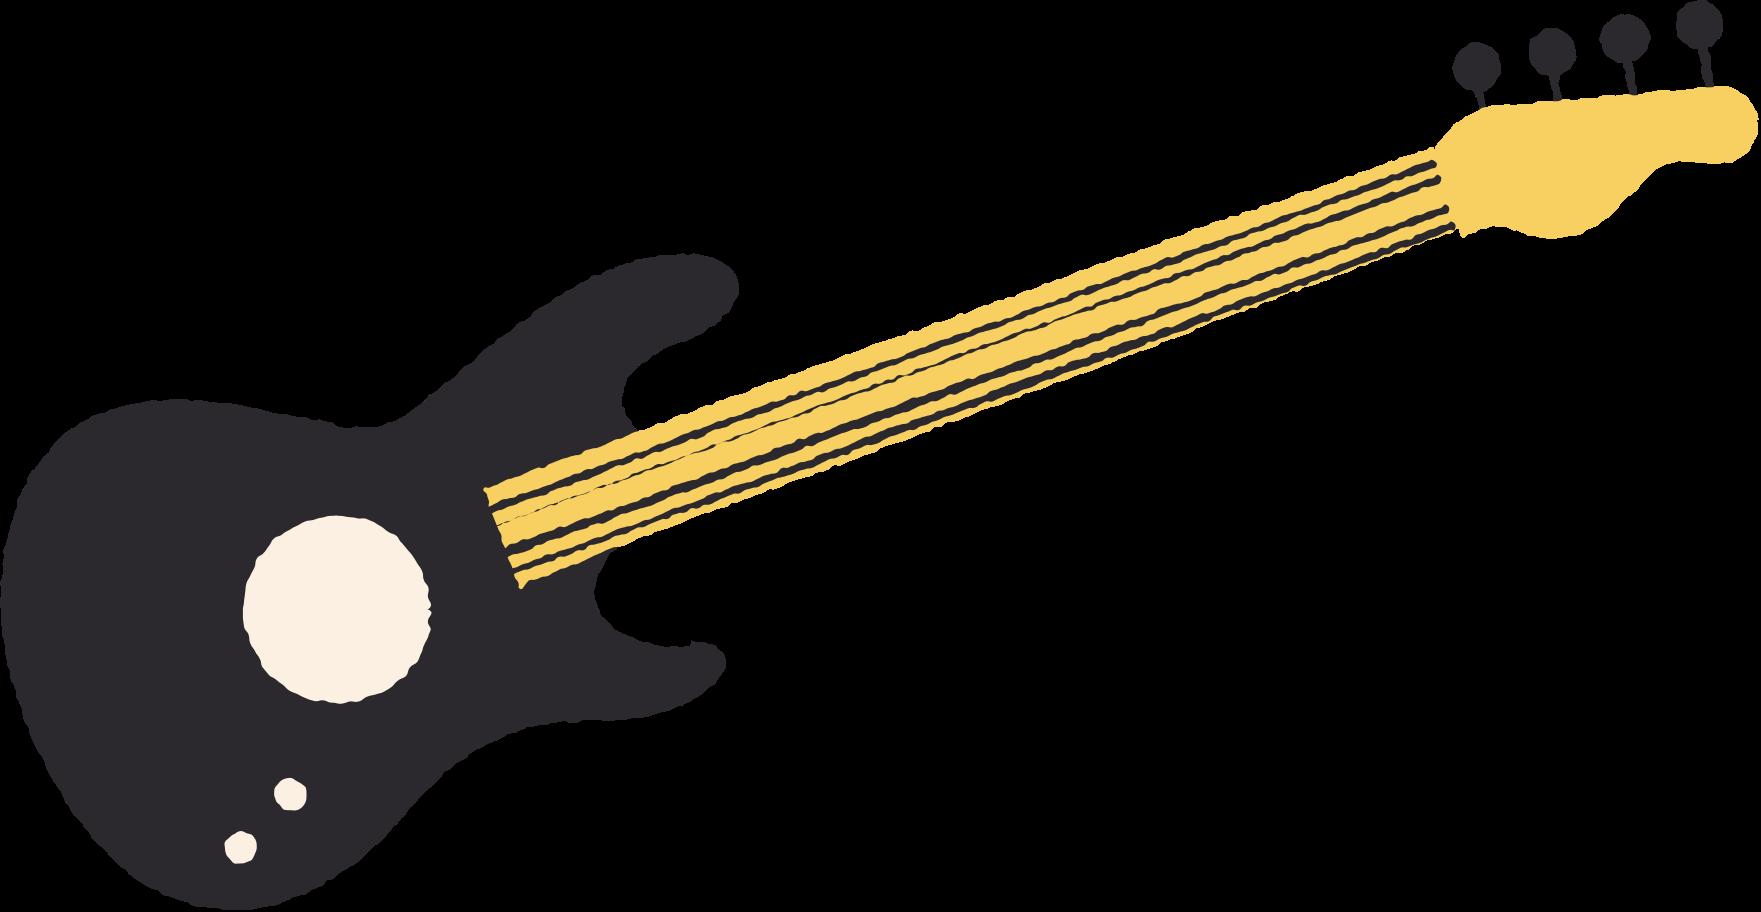 guitar black Clipart illustration in PNG, SVG